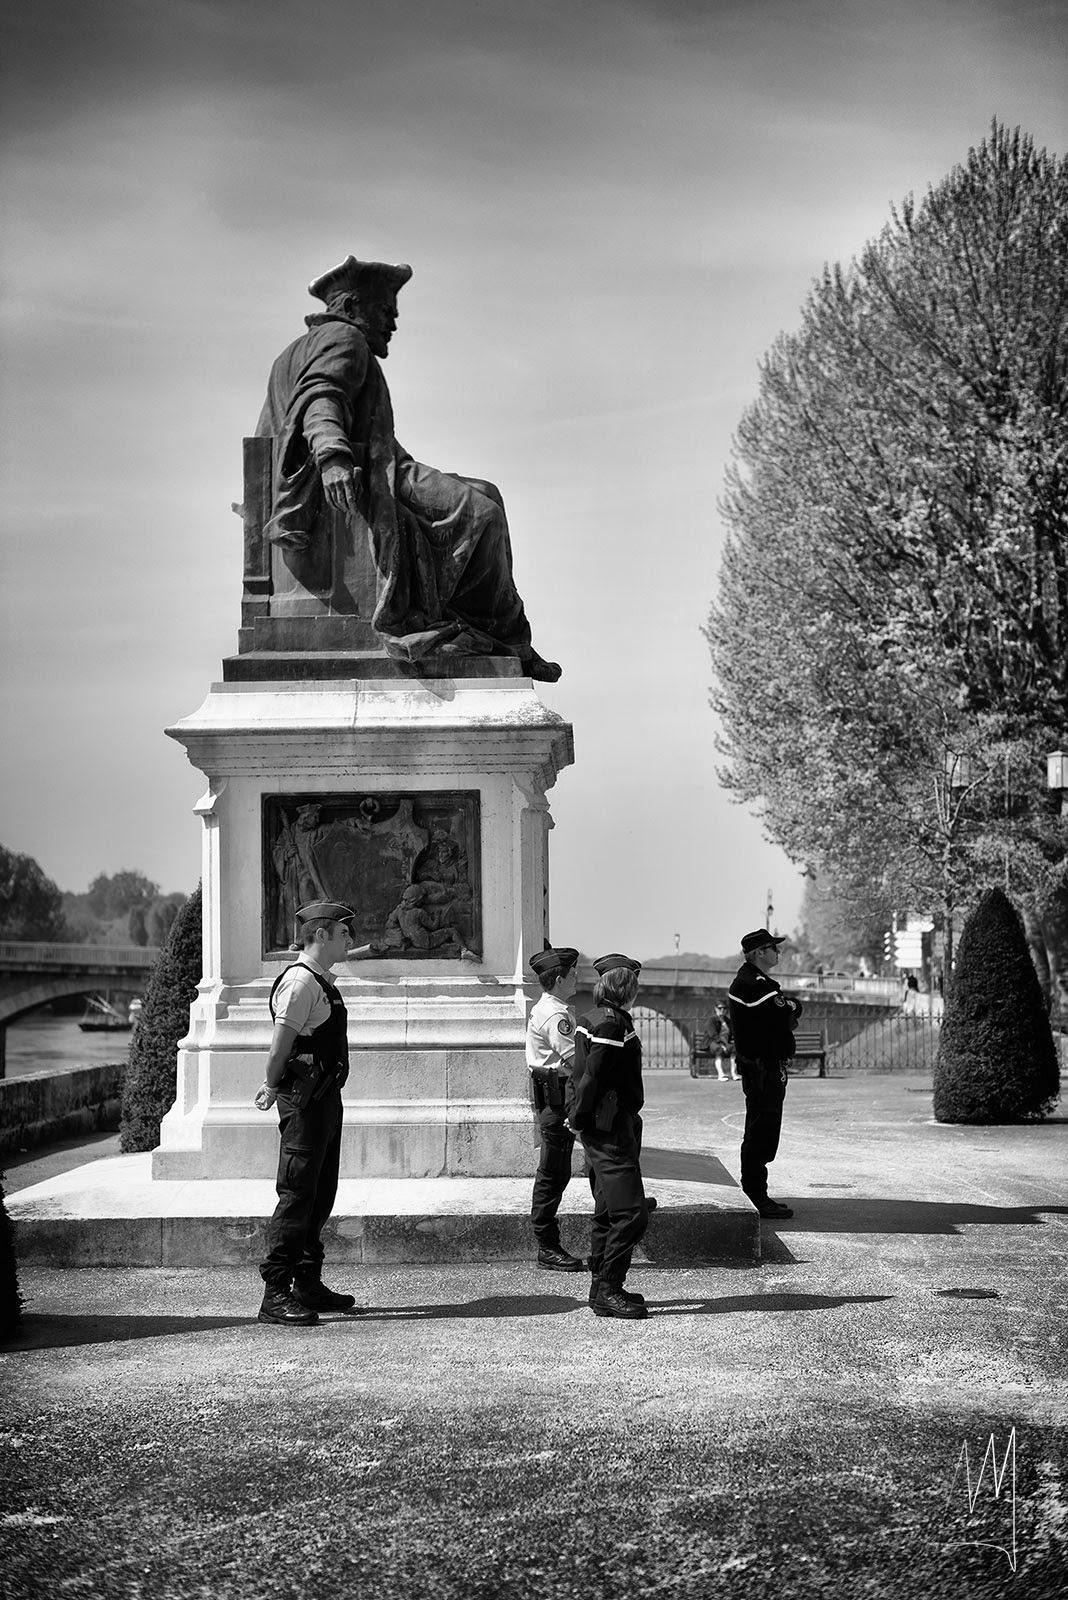 cite de rencontre gratuits La Rochelle